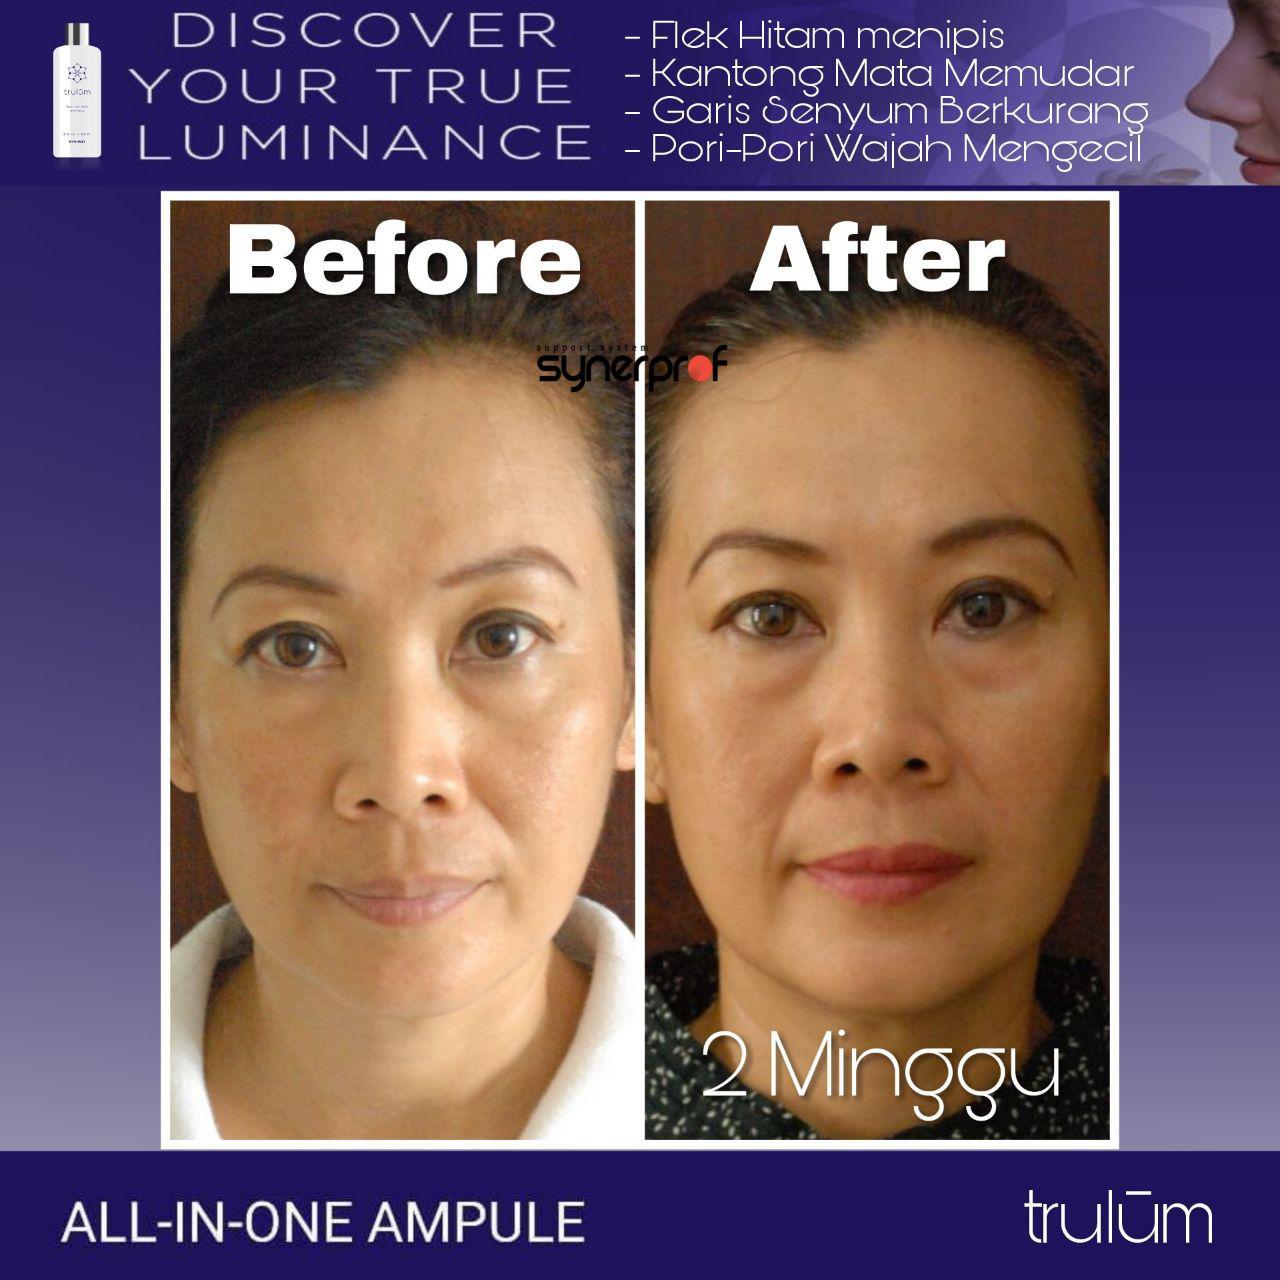 Tempat FacialKulit Berminyak di Sampora, Tangerang WA: 08112338376